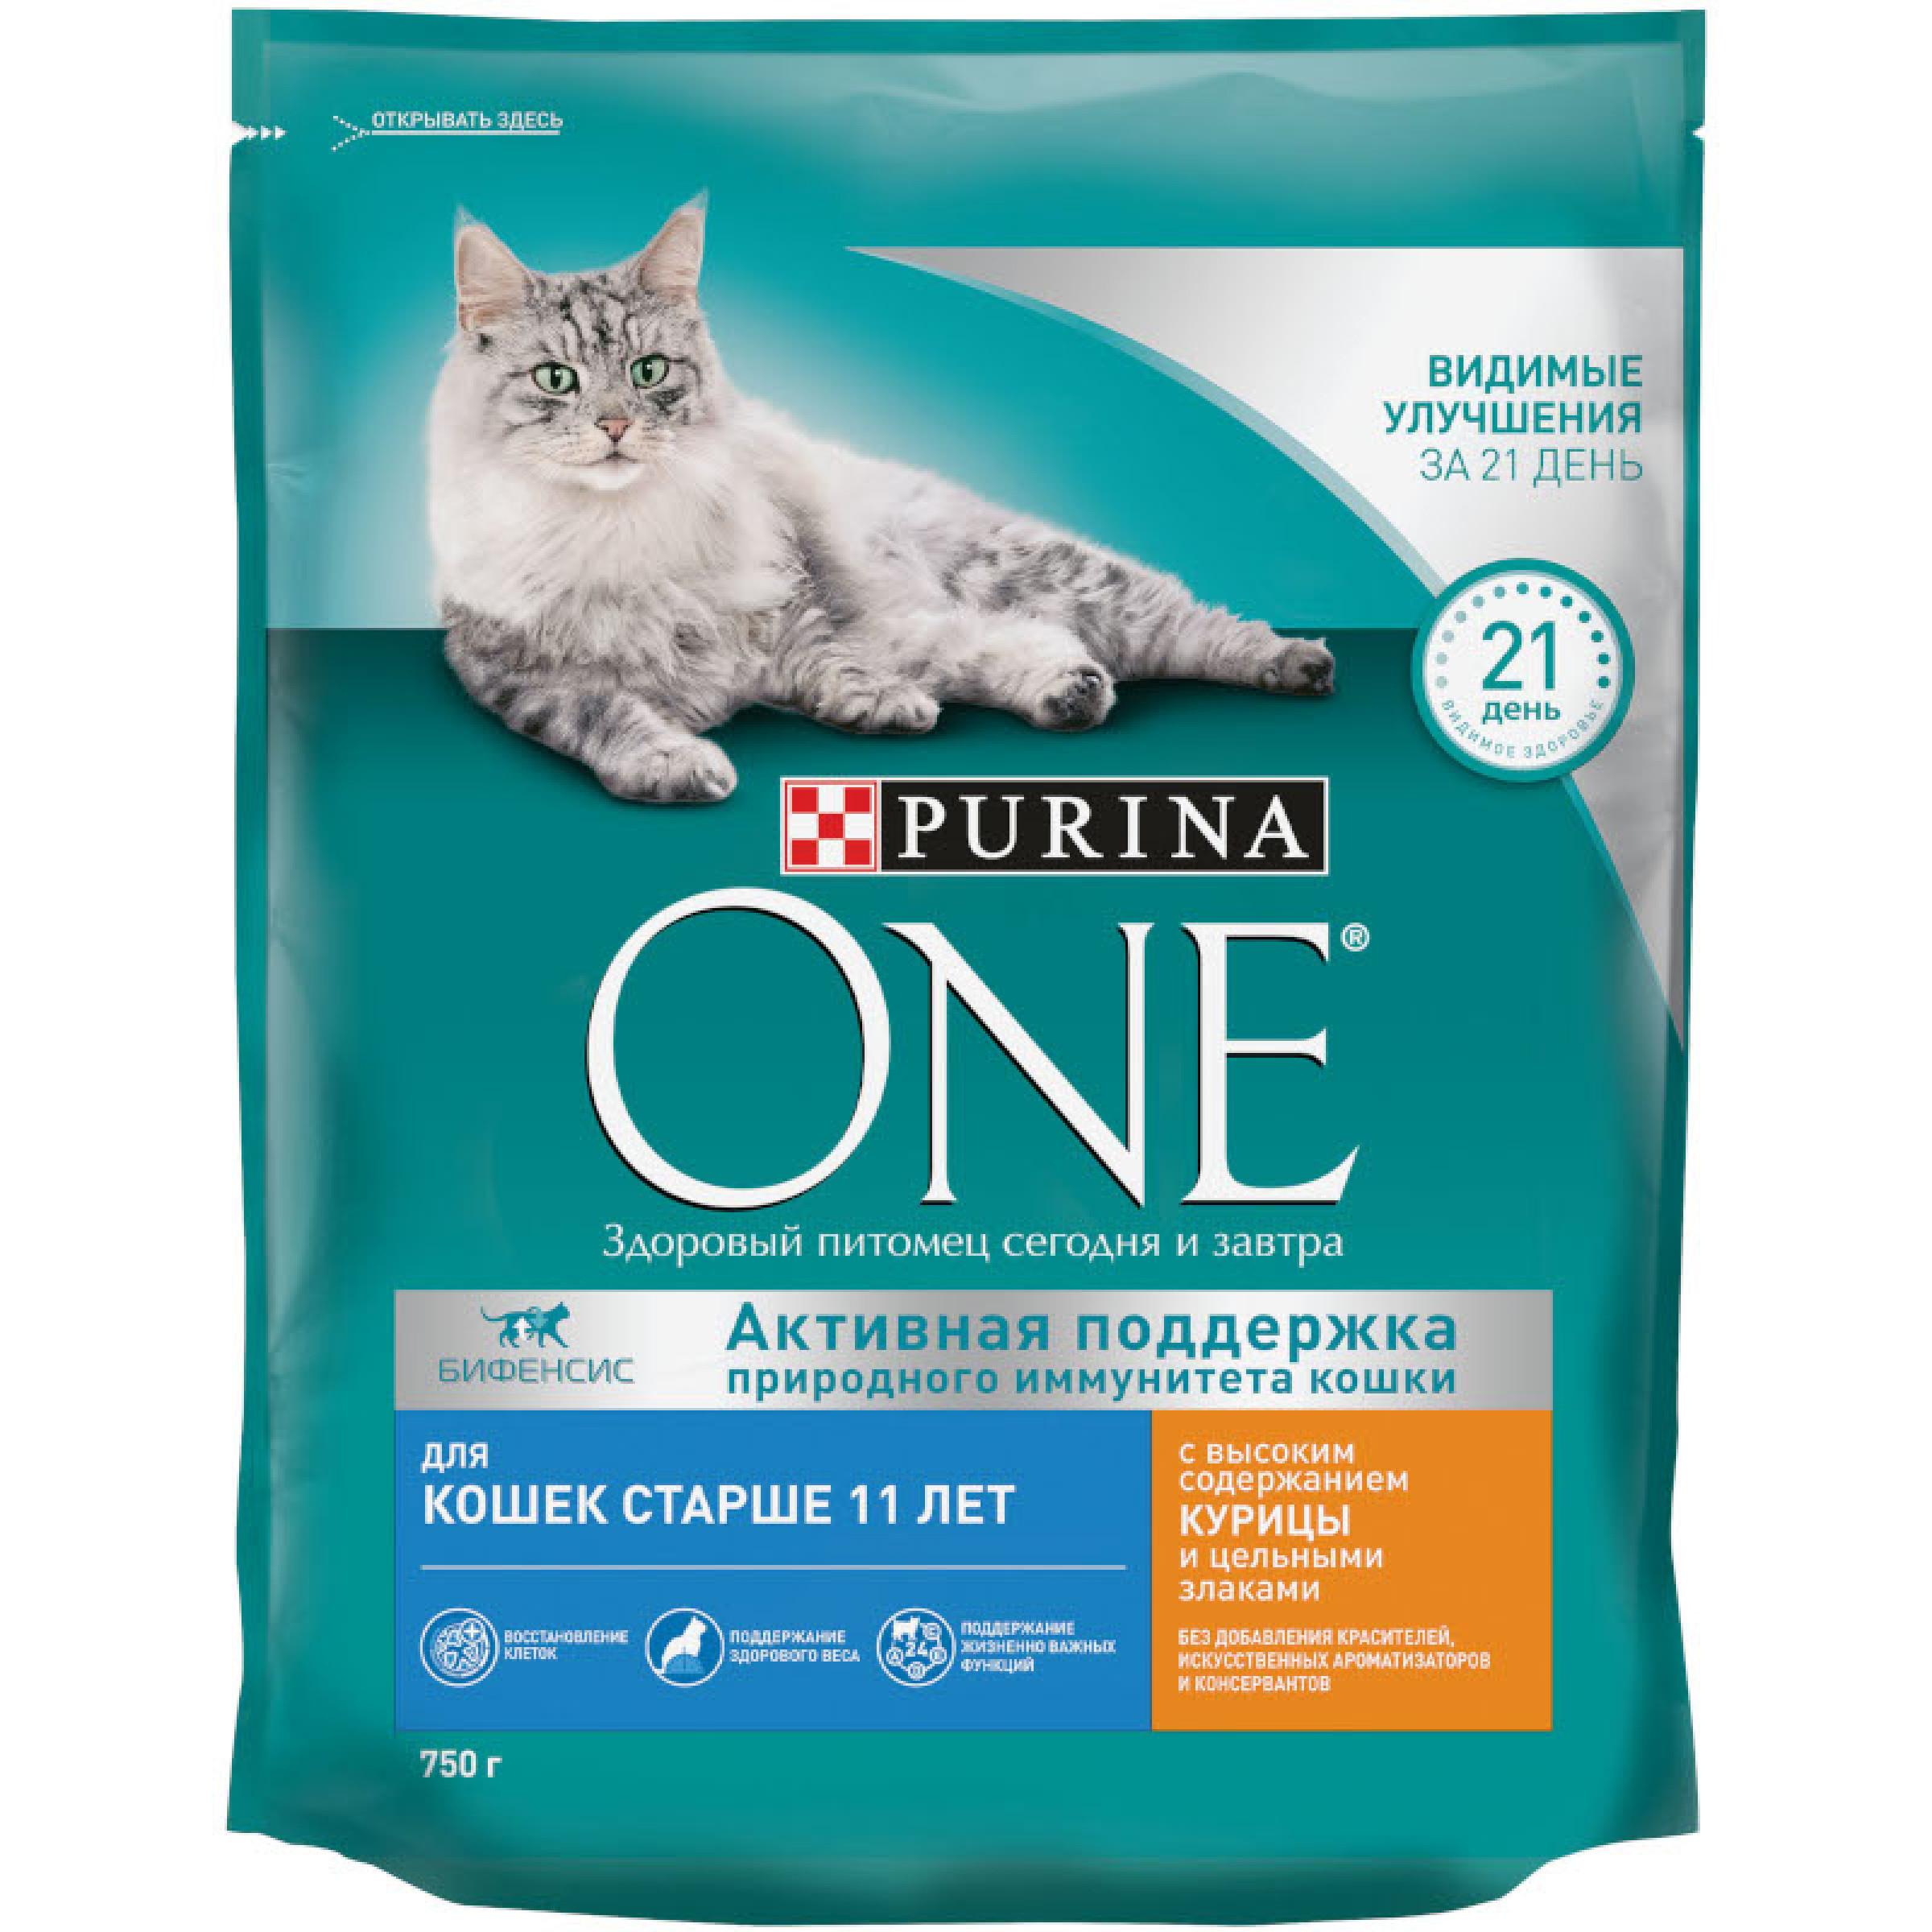 Сухой корм Purina ONE® для кошек старше 11 лет с высоким содержанием курицы и цельными злаками, 750 г